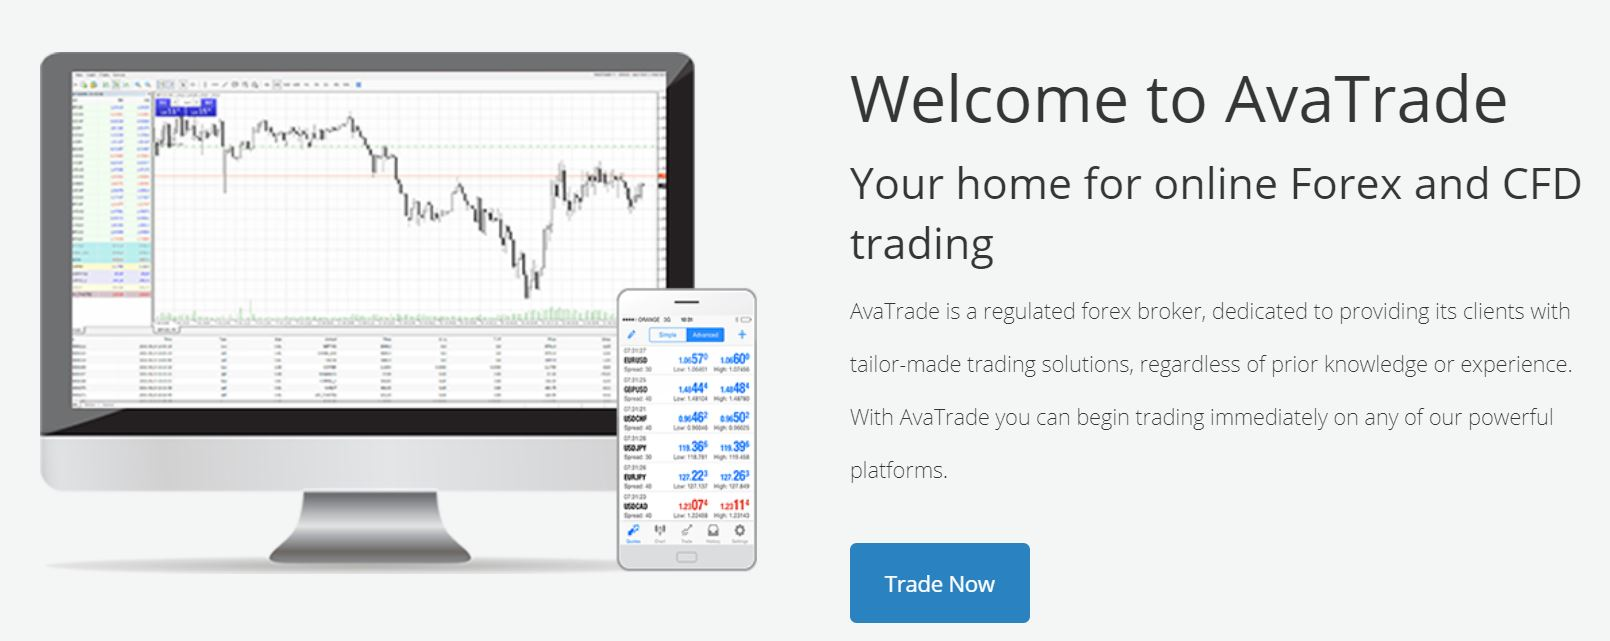 Avatrade trading platform review